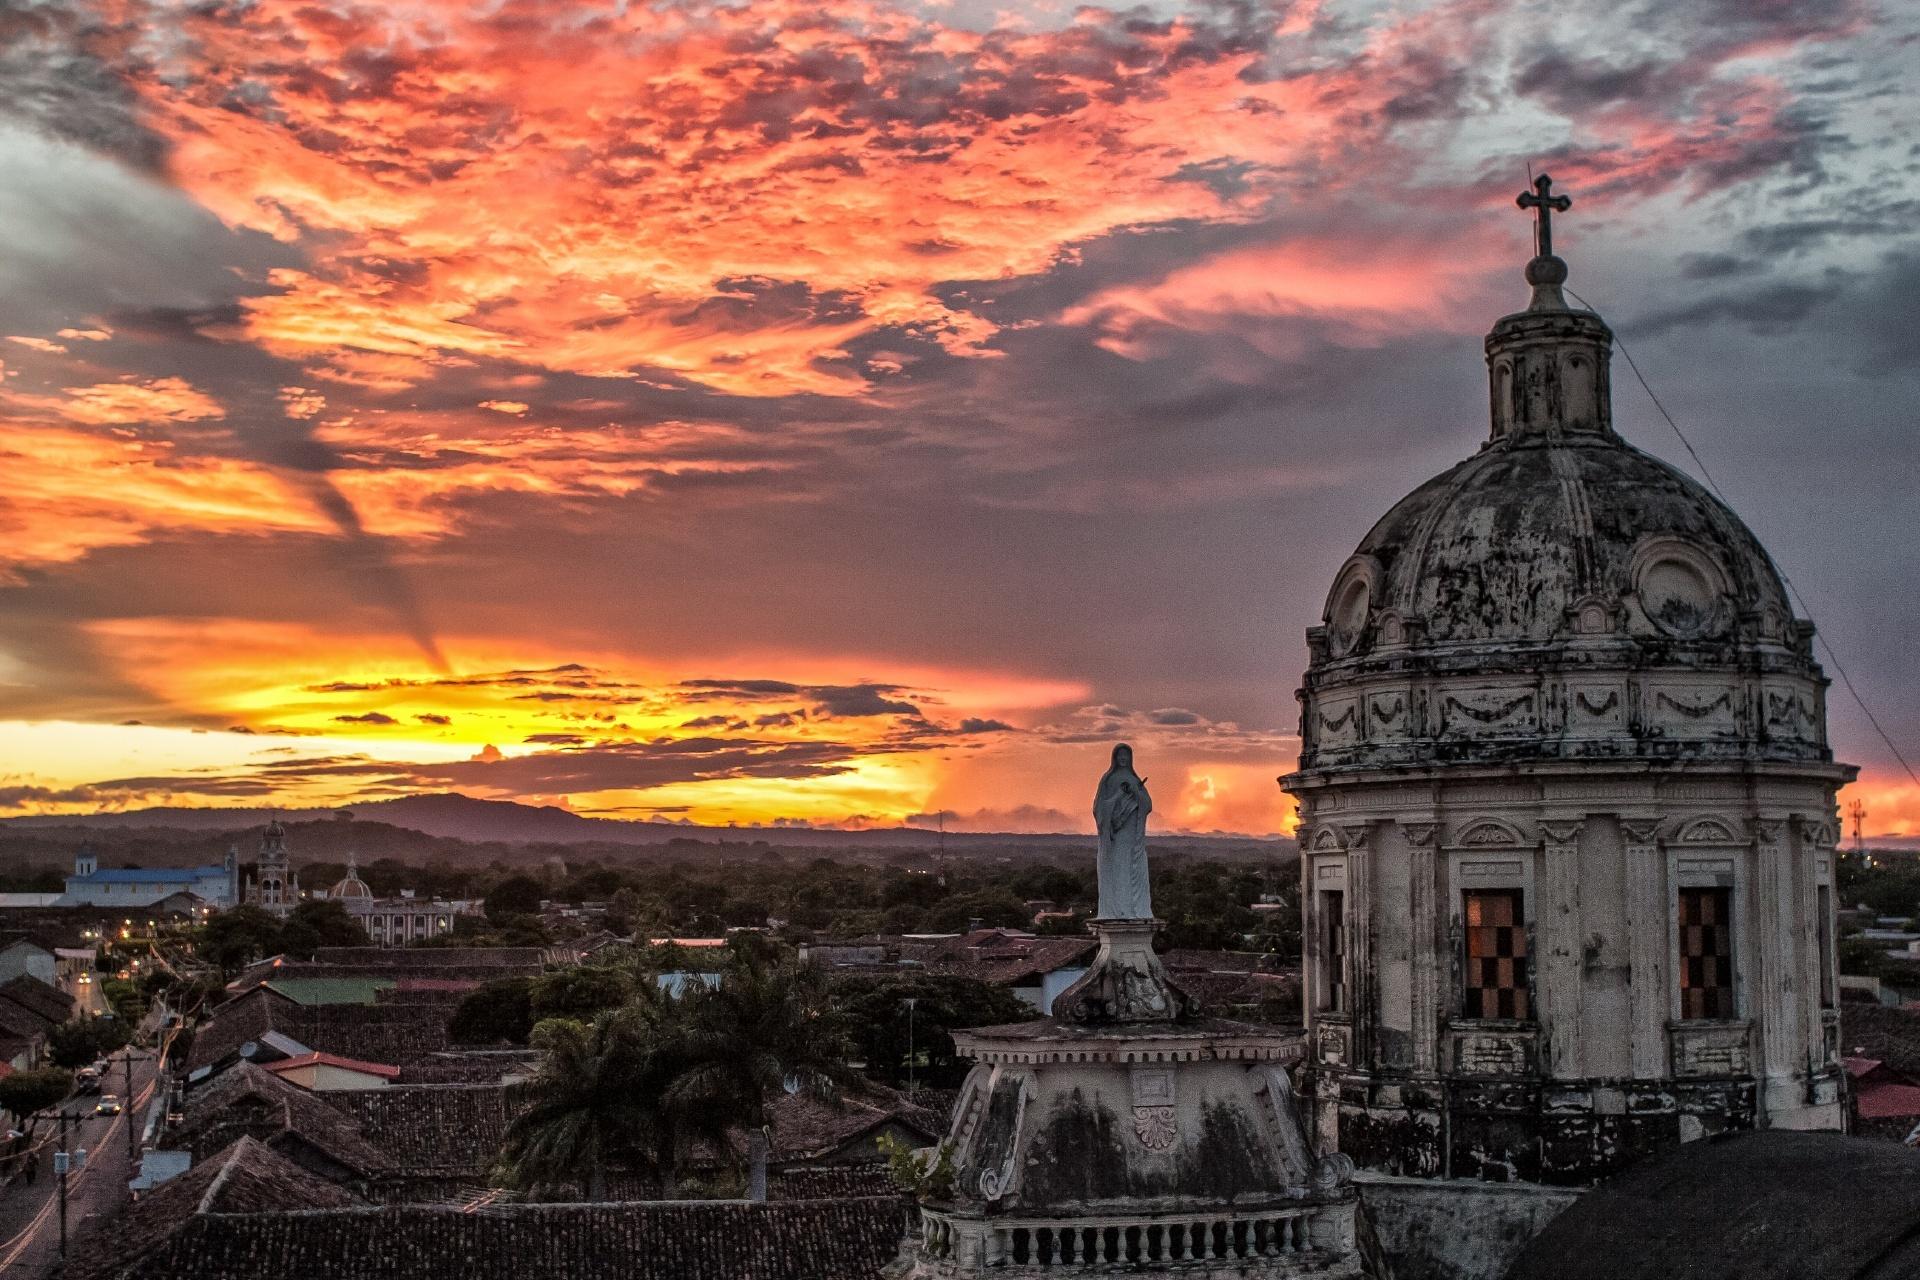 メルセー教会から眺める夕暮れのグラナダの風景 ニカラグアの風景